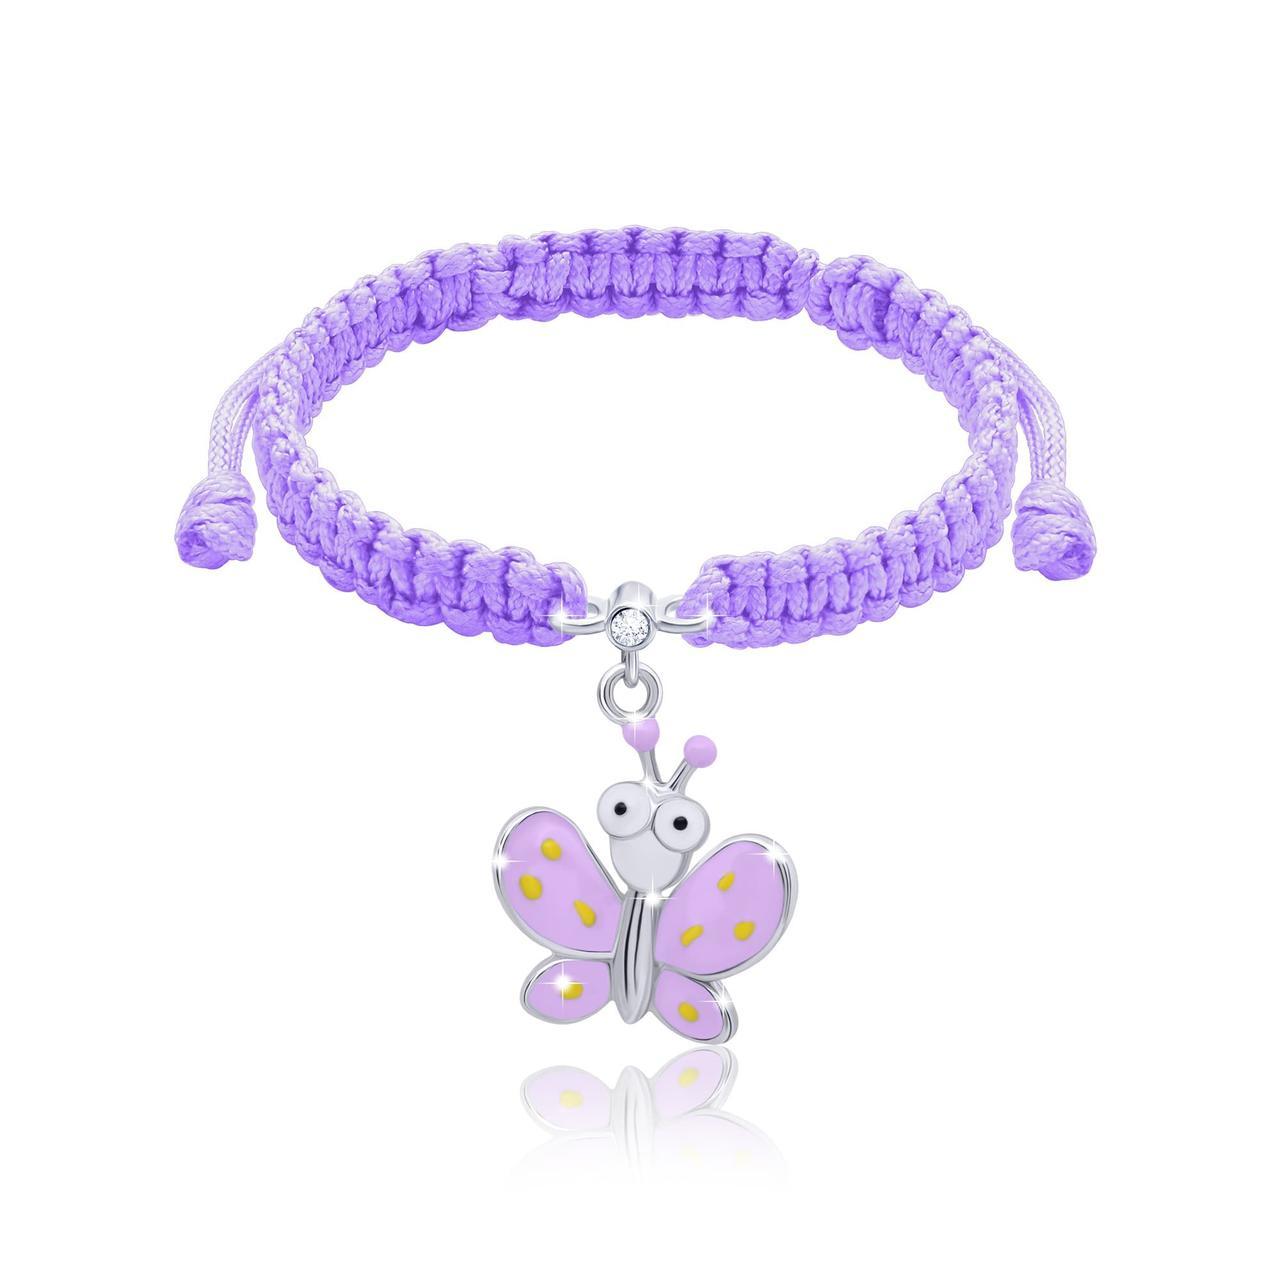 Браслет плетеный Мотылёк с глазами aиолетовый